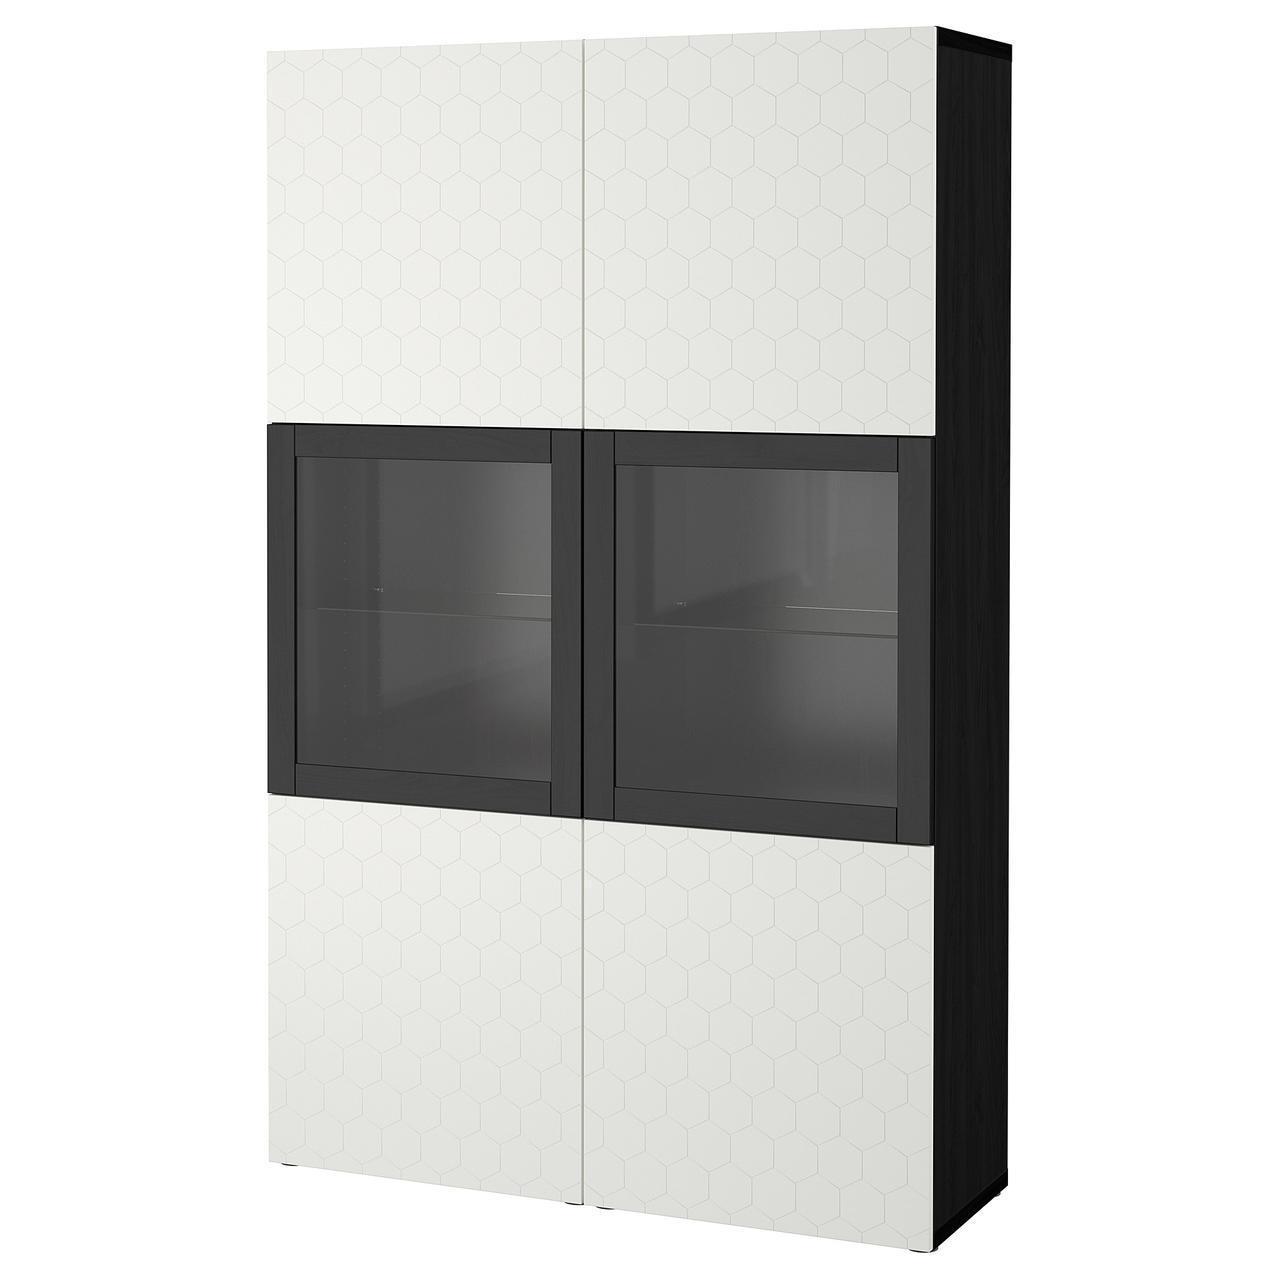 Сервант IKEA BESTÅ 120x40x192 см Vassviken черно-коричневый белый 392.666.40